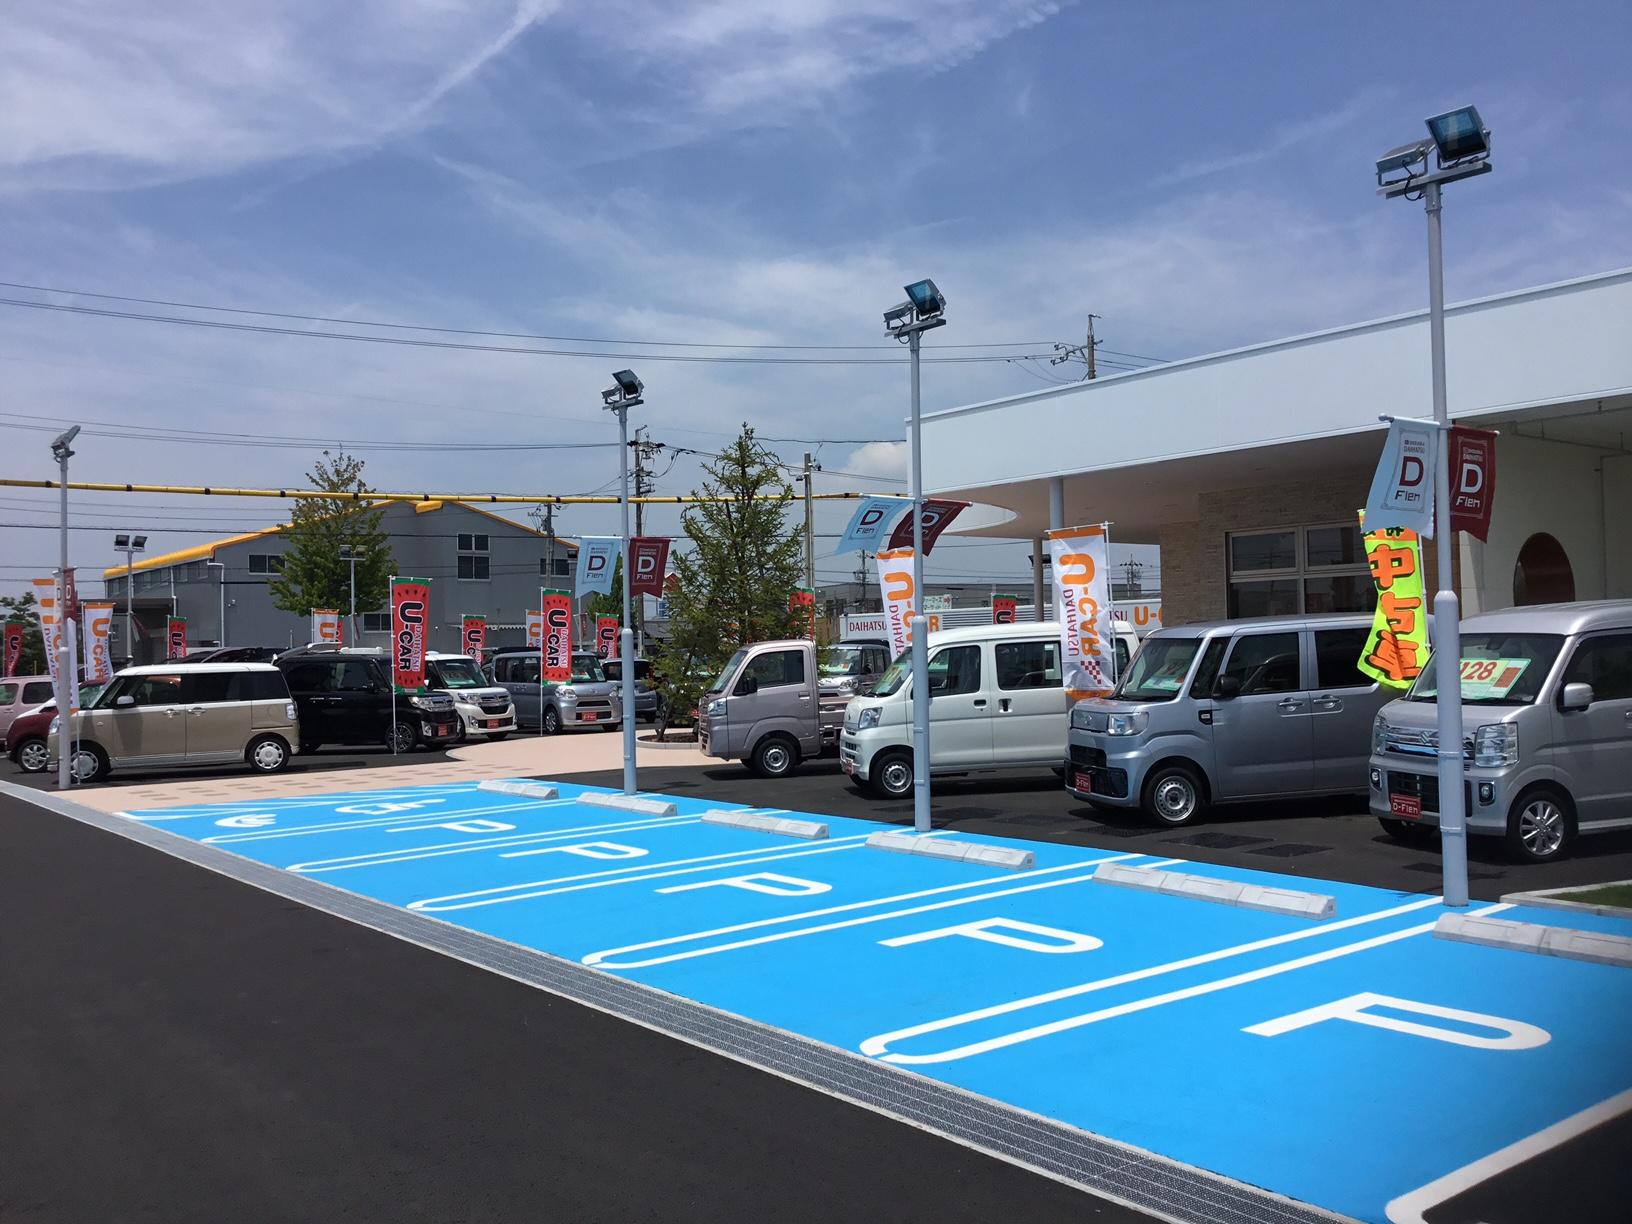 広い駐車場で出入りもしやすい店舗です。